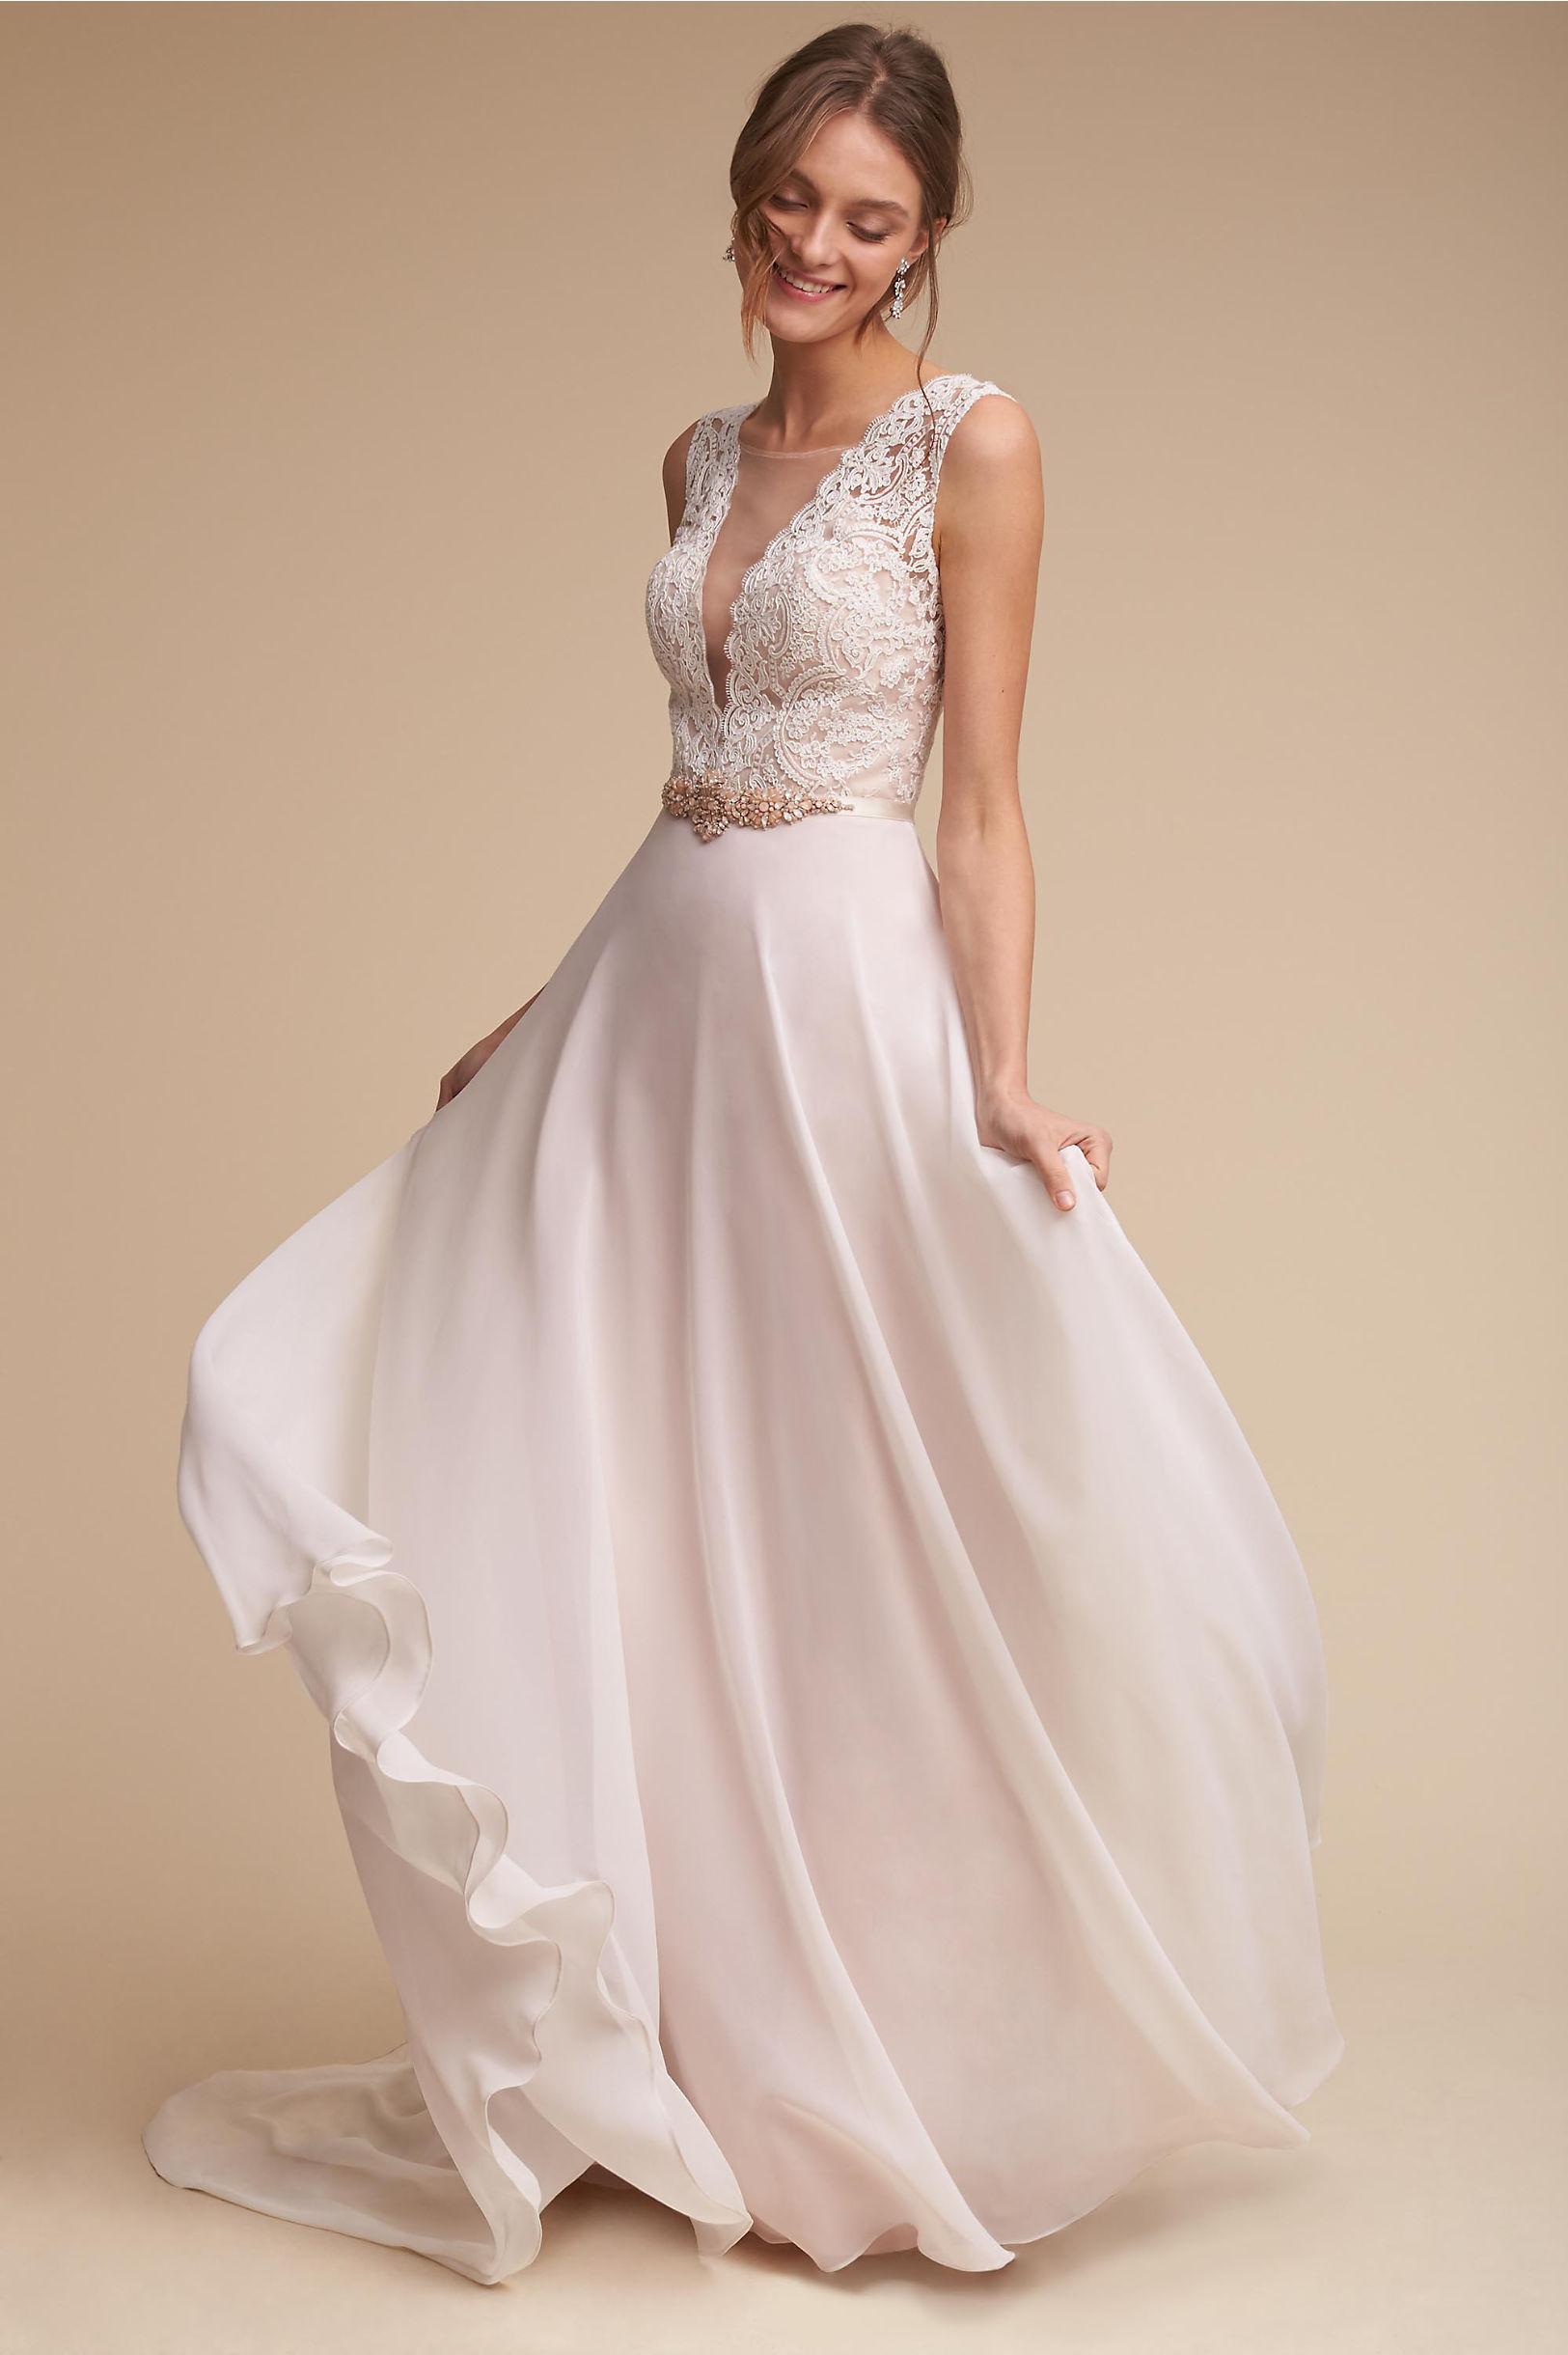 Taryn gown ivoryblush in sale bhldn ivoryblush taryn gown bhldn ombrellifo Images